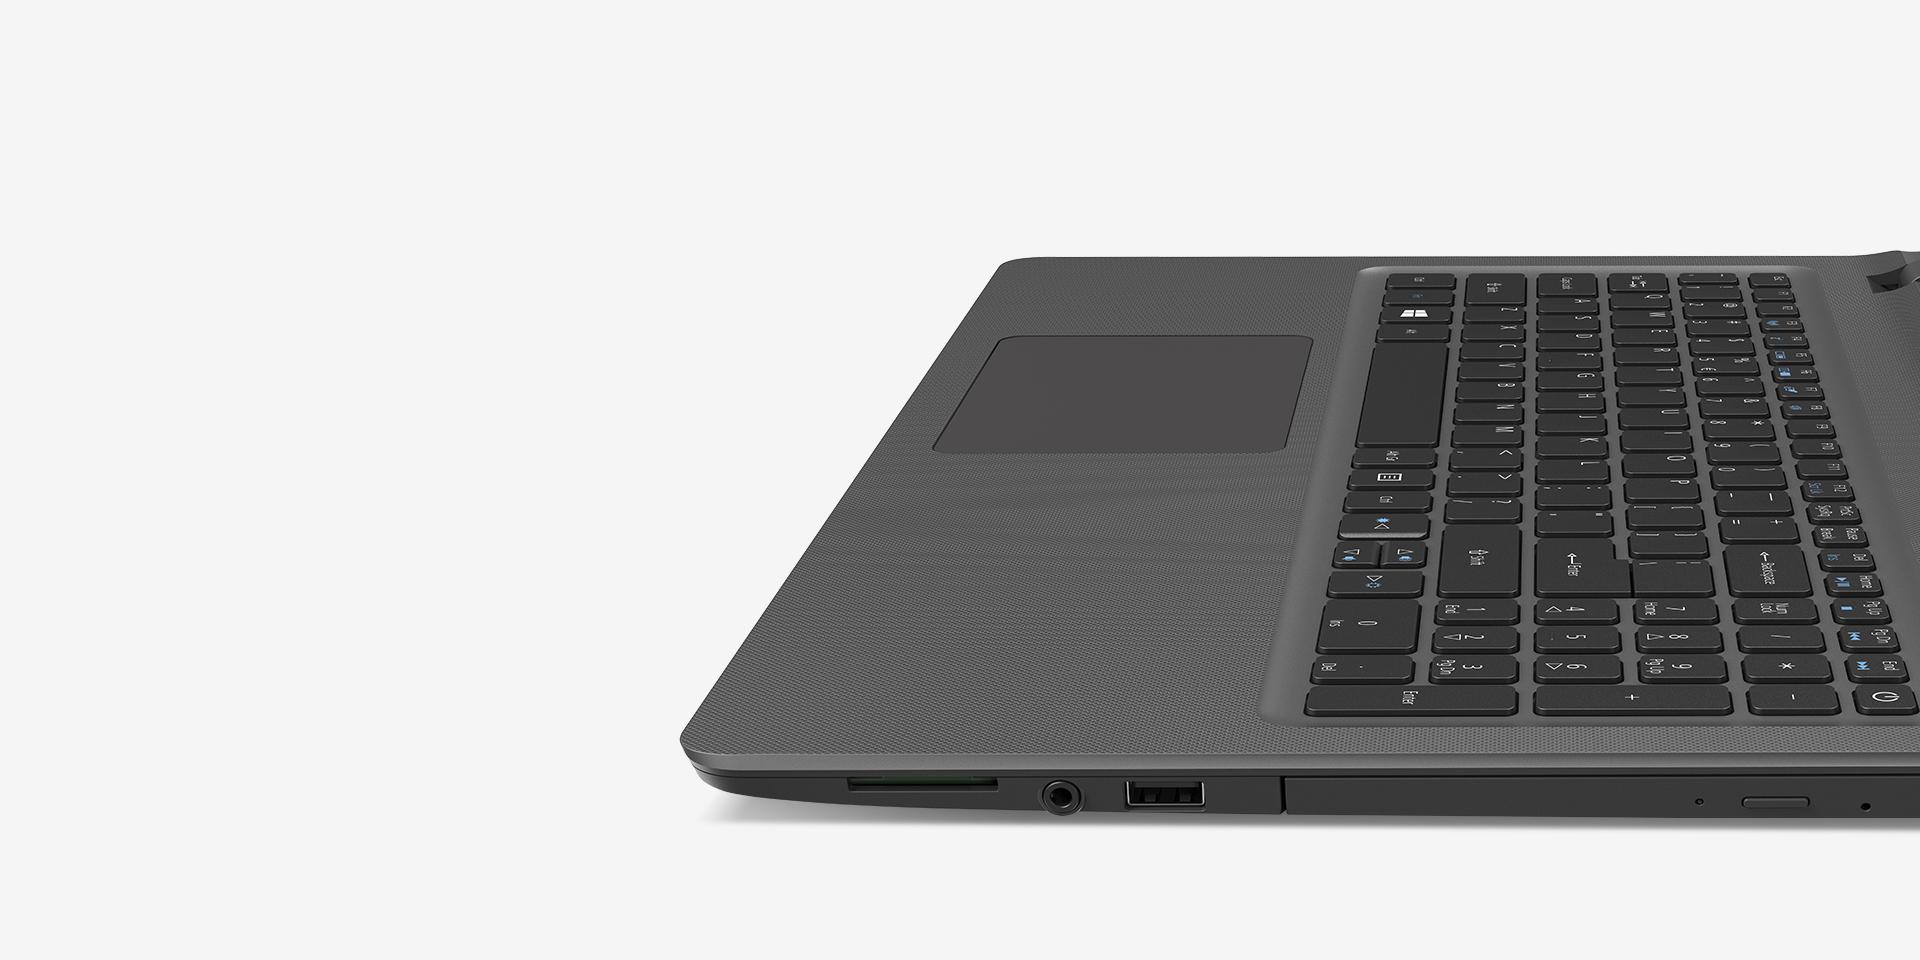 Extensa 15 - design Charming Keyboard ksp - Large